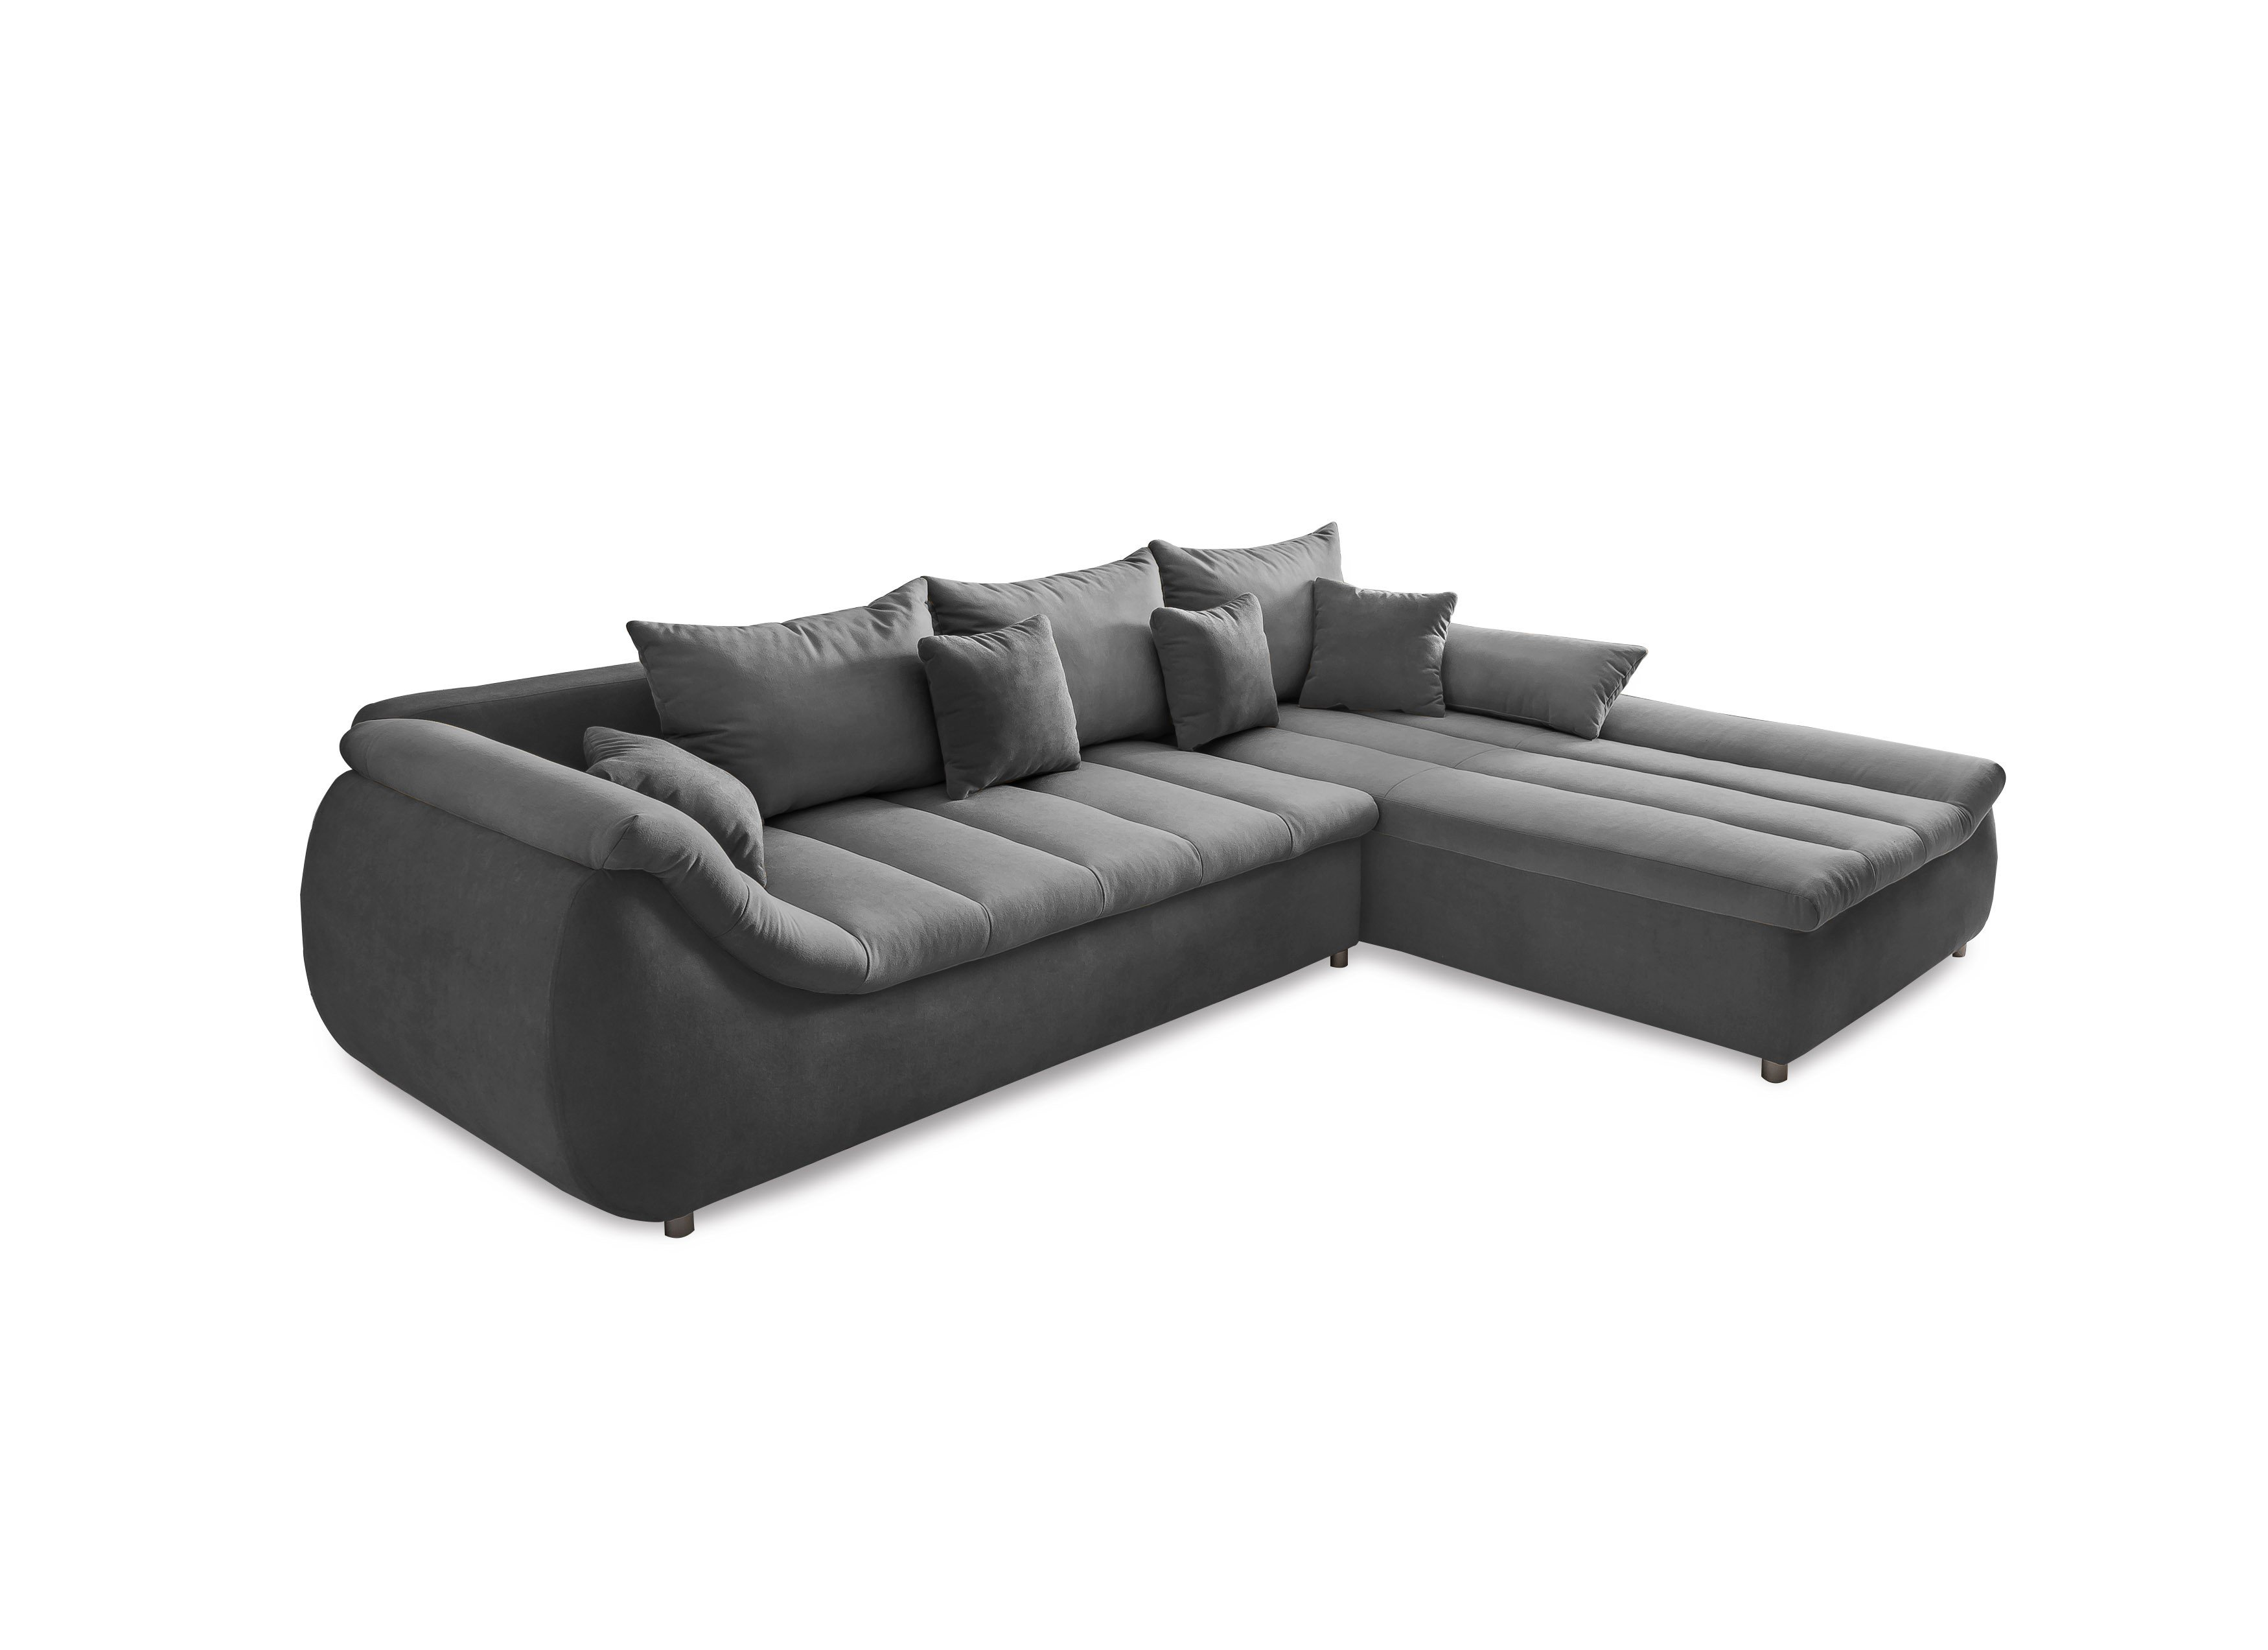 Top Ergebnis 50 Neu Couch Microfaser Grau Grafiken 2018 Kjs7 2017